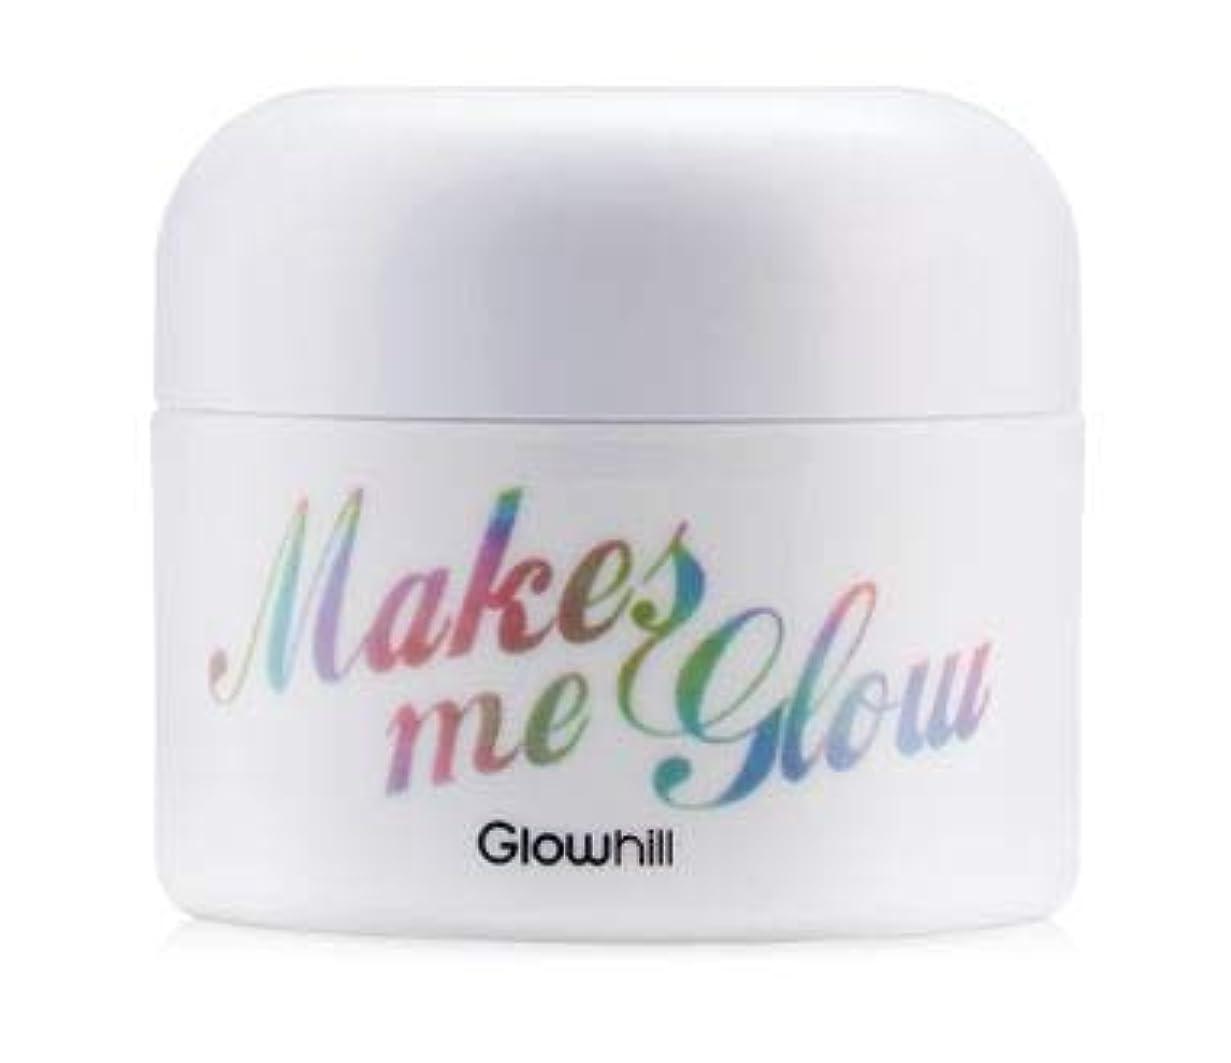 スマートヒューマニスティックルート[Glowhill] Aurora Whitehole Glow Mask / [グローヒル] オーロラホワイトホールグローマスク [並行輸入品]